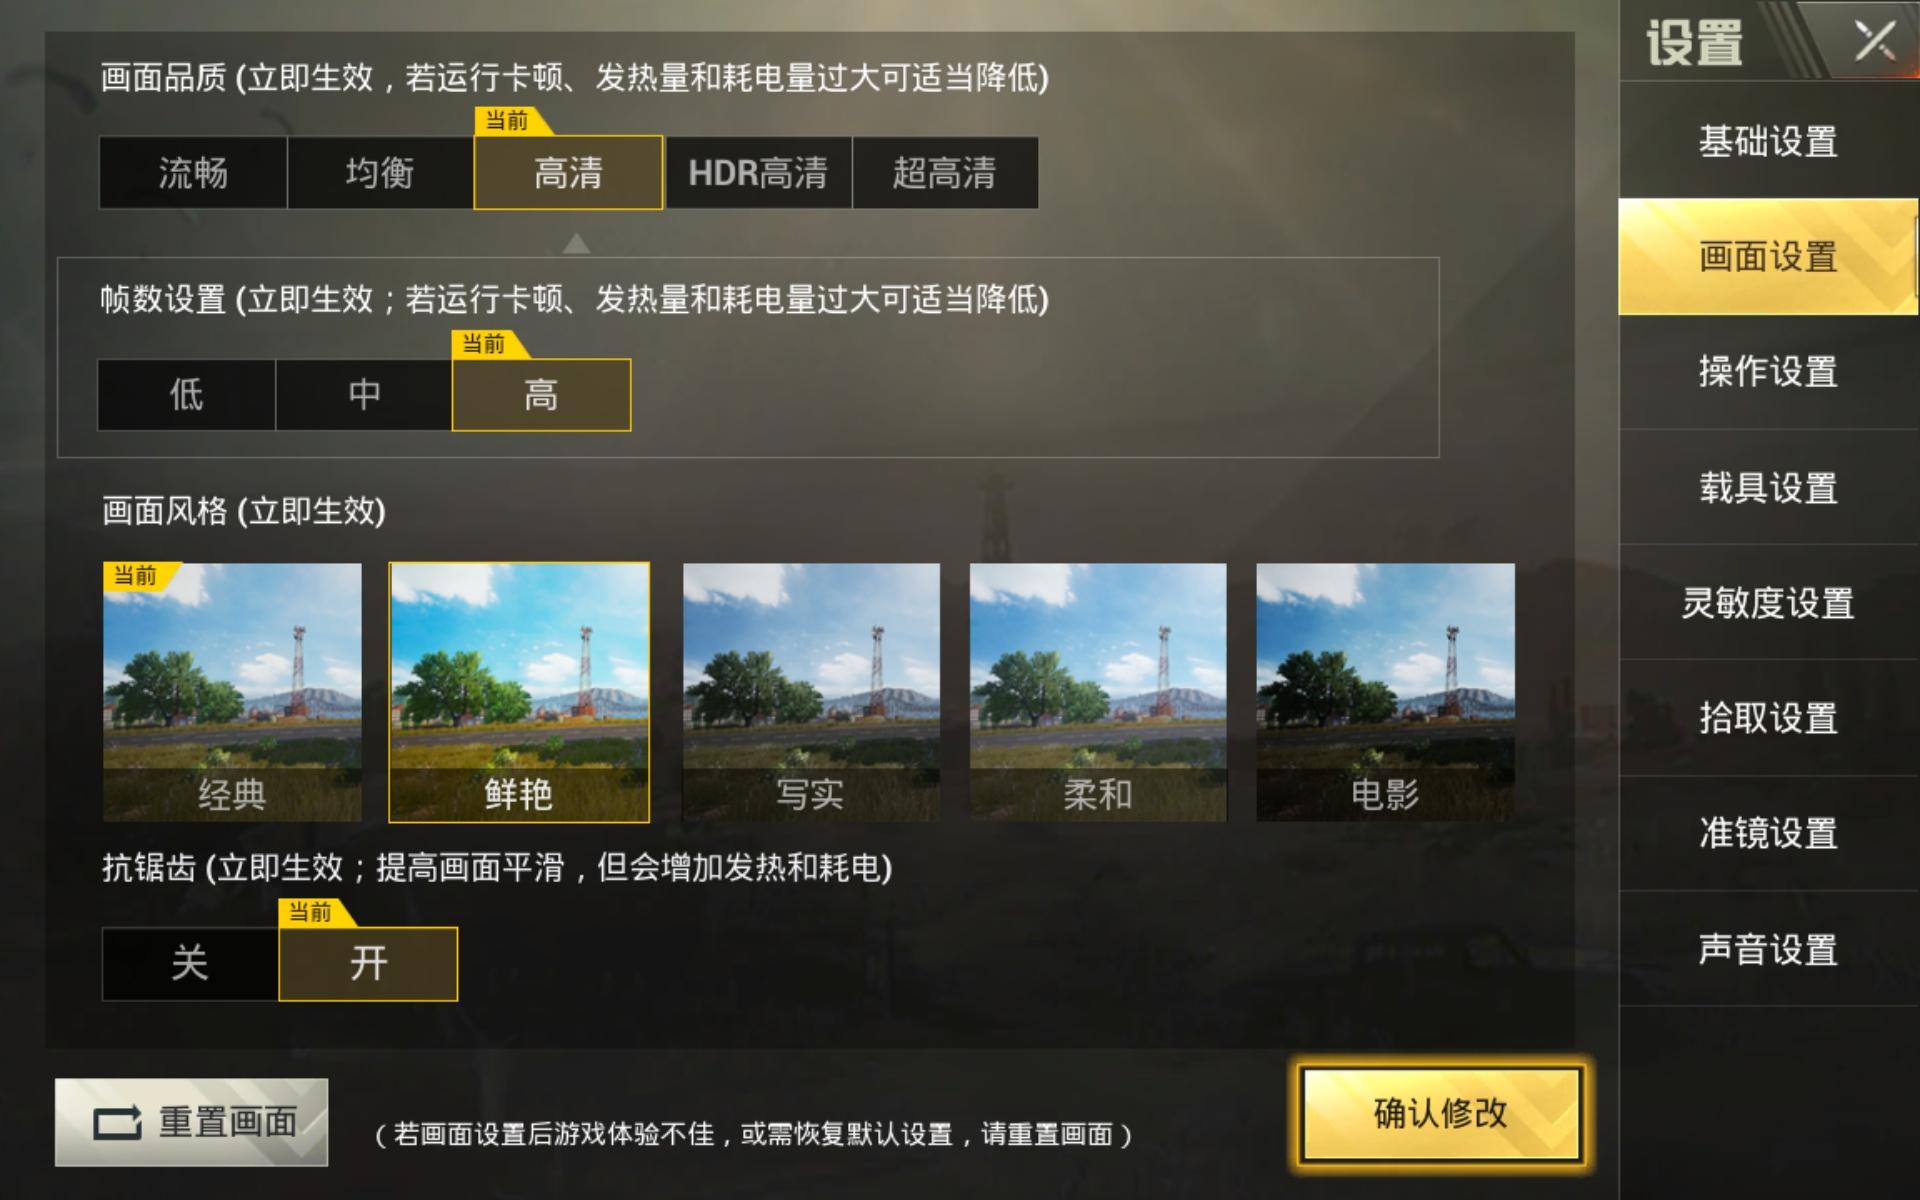 B27C0EA72BD4D62D4872086C5A8B2A0C.jpg